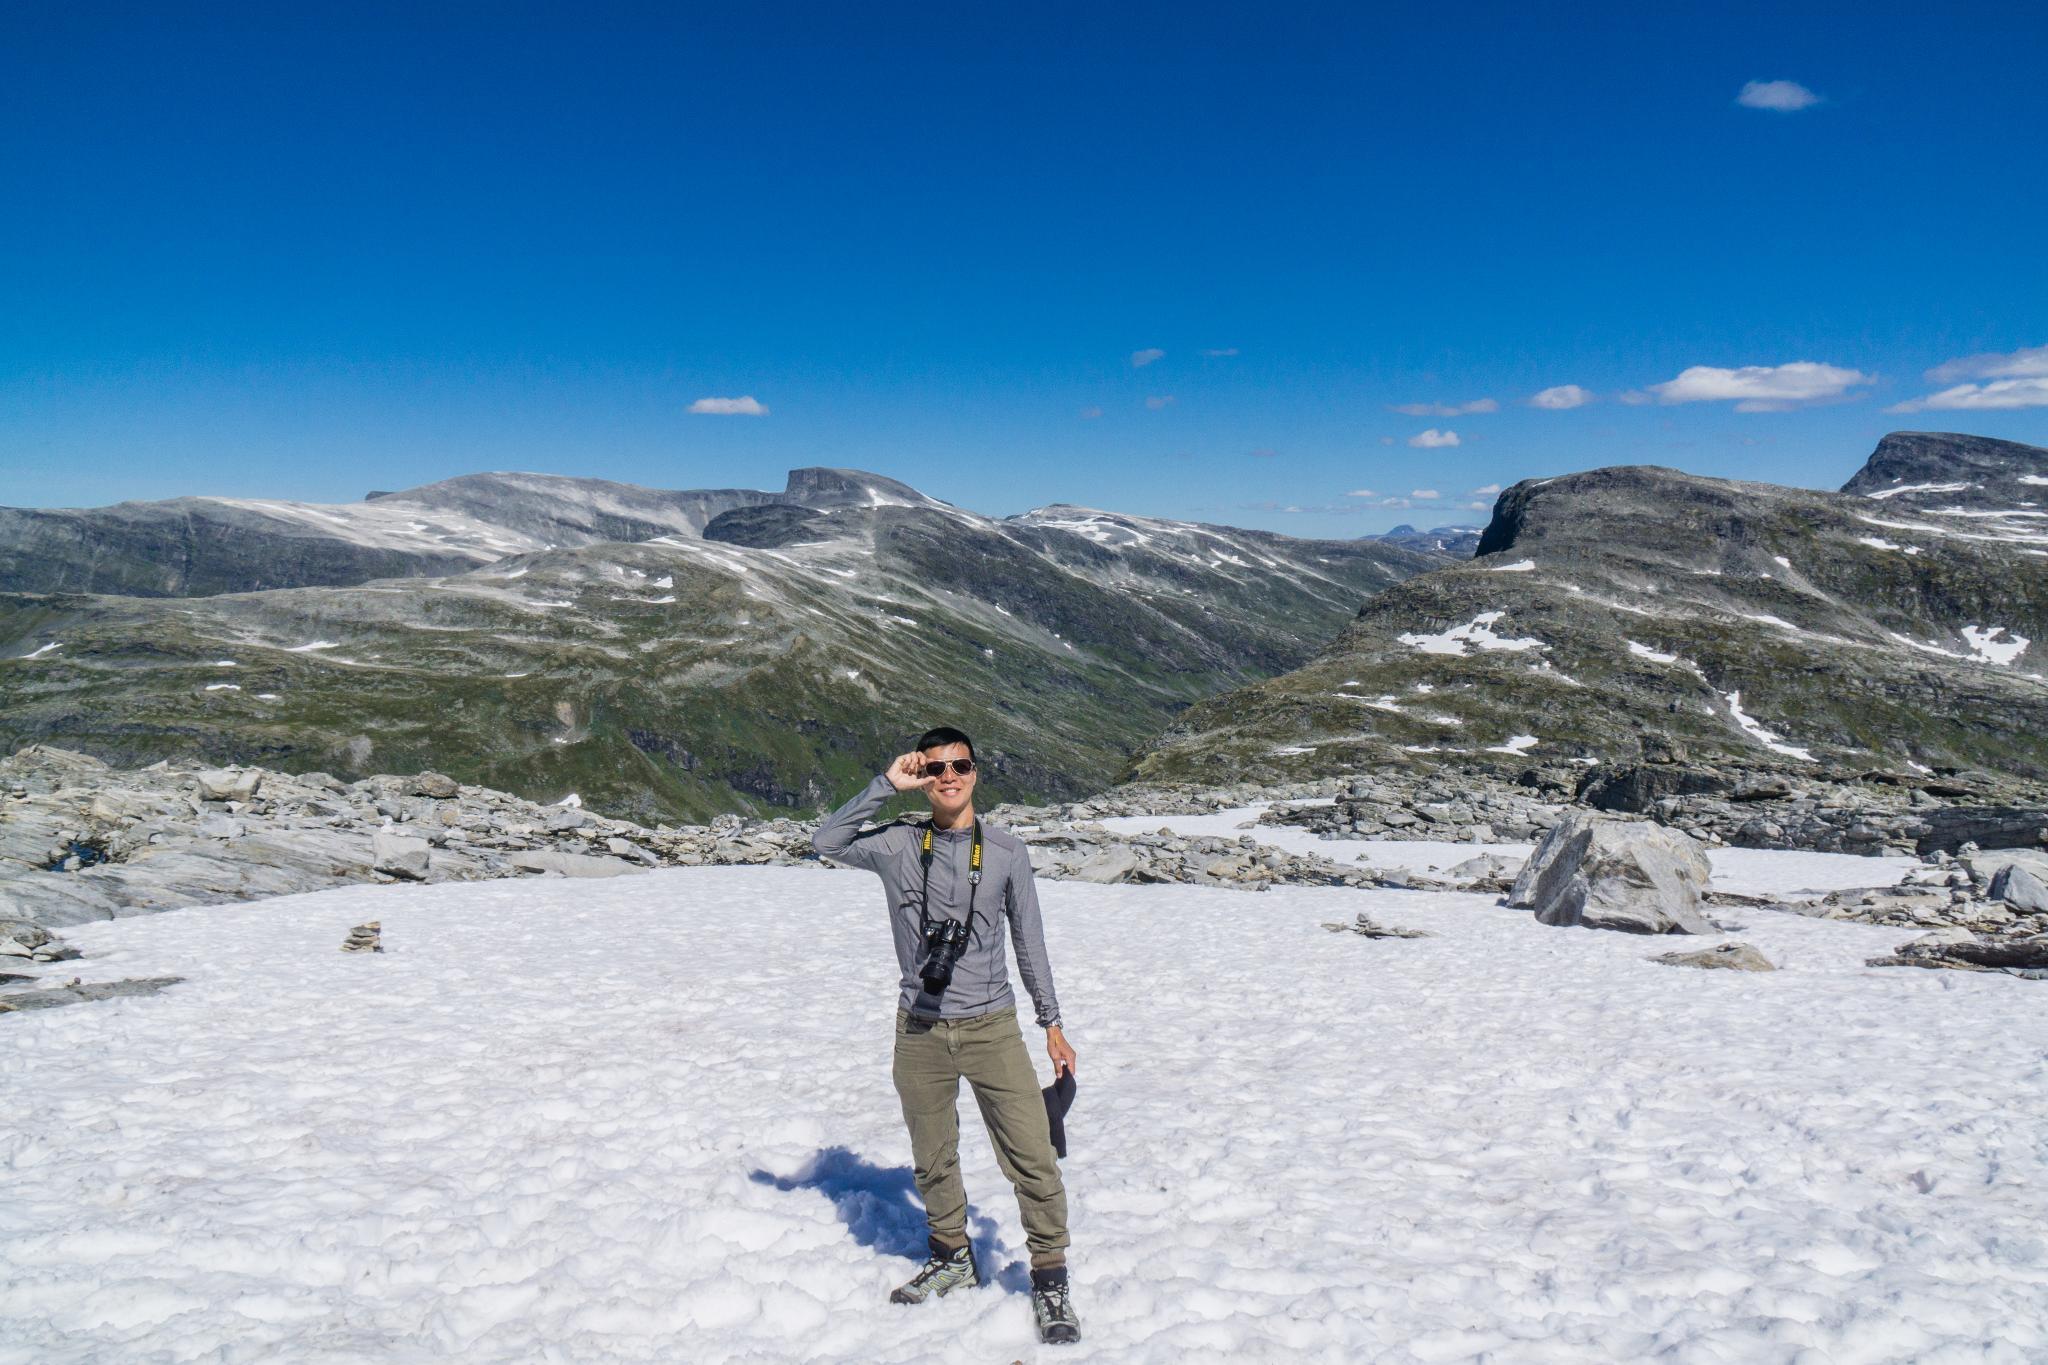 【北歐景點】歐洲最震撼的峽灣觀景台 — Dalsnibba Mountain Plateau 28